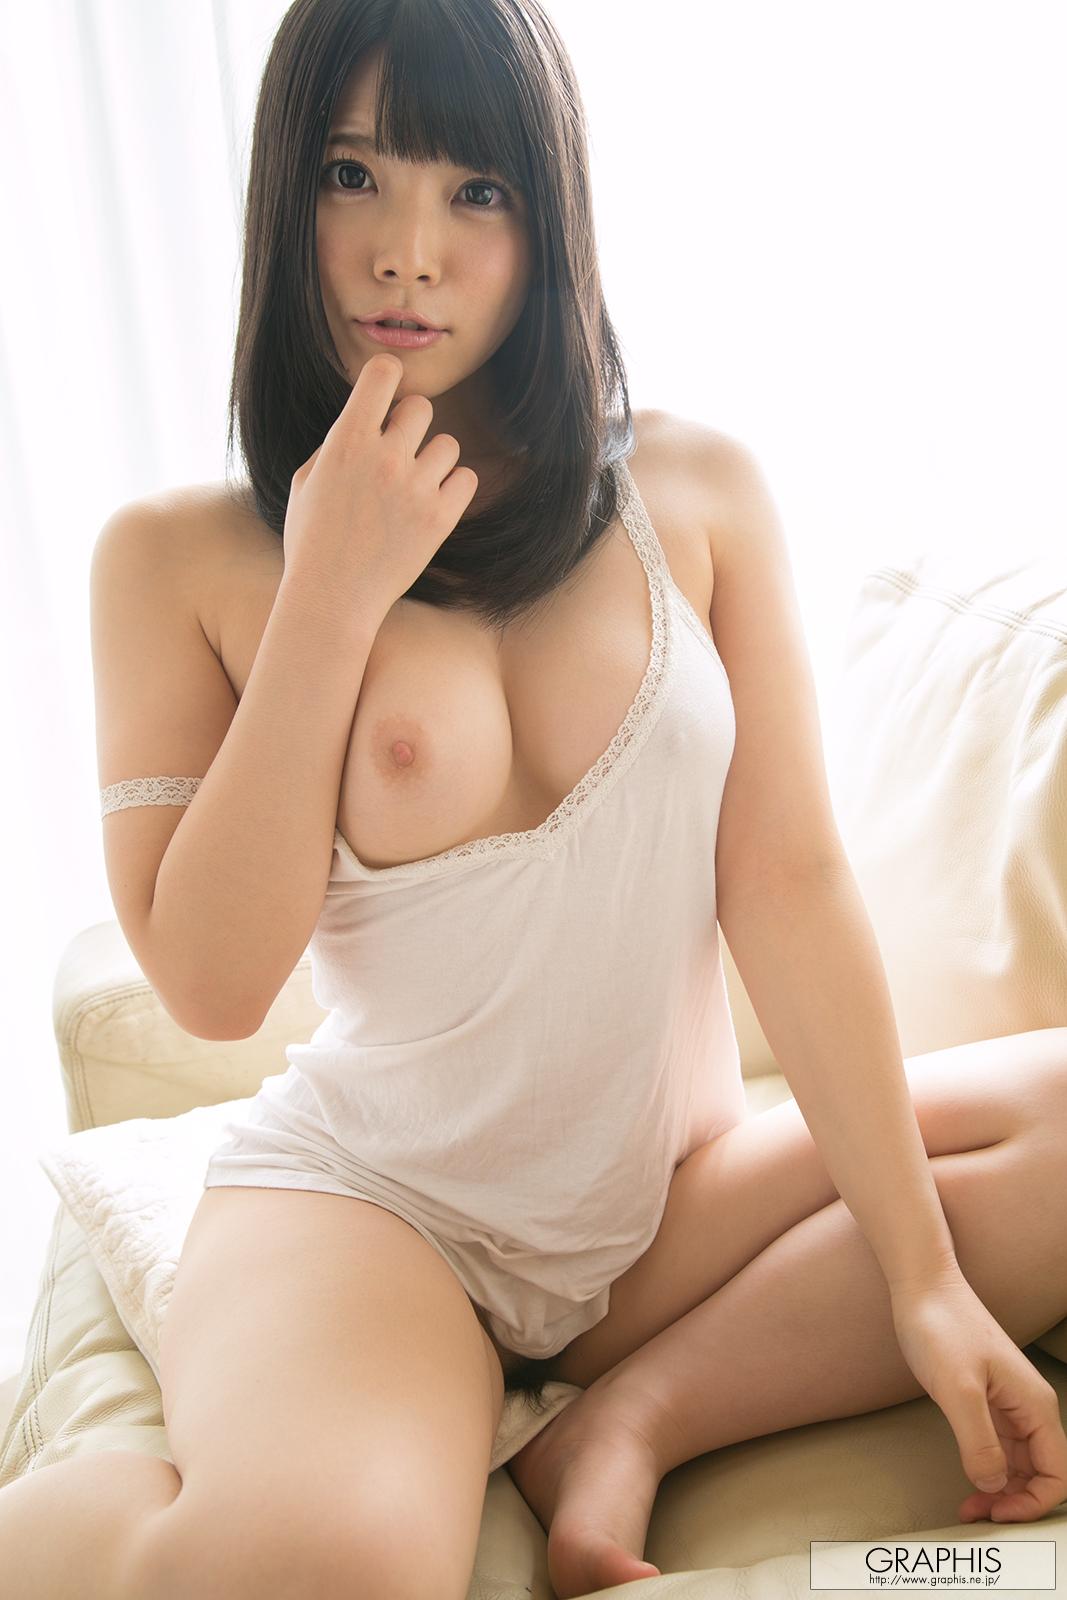 image http://scanlover.com/assets/images/272-nfGhwgVMSh51nems.jpeg